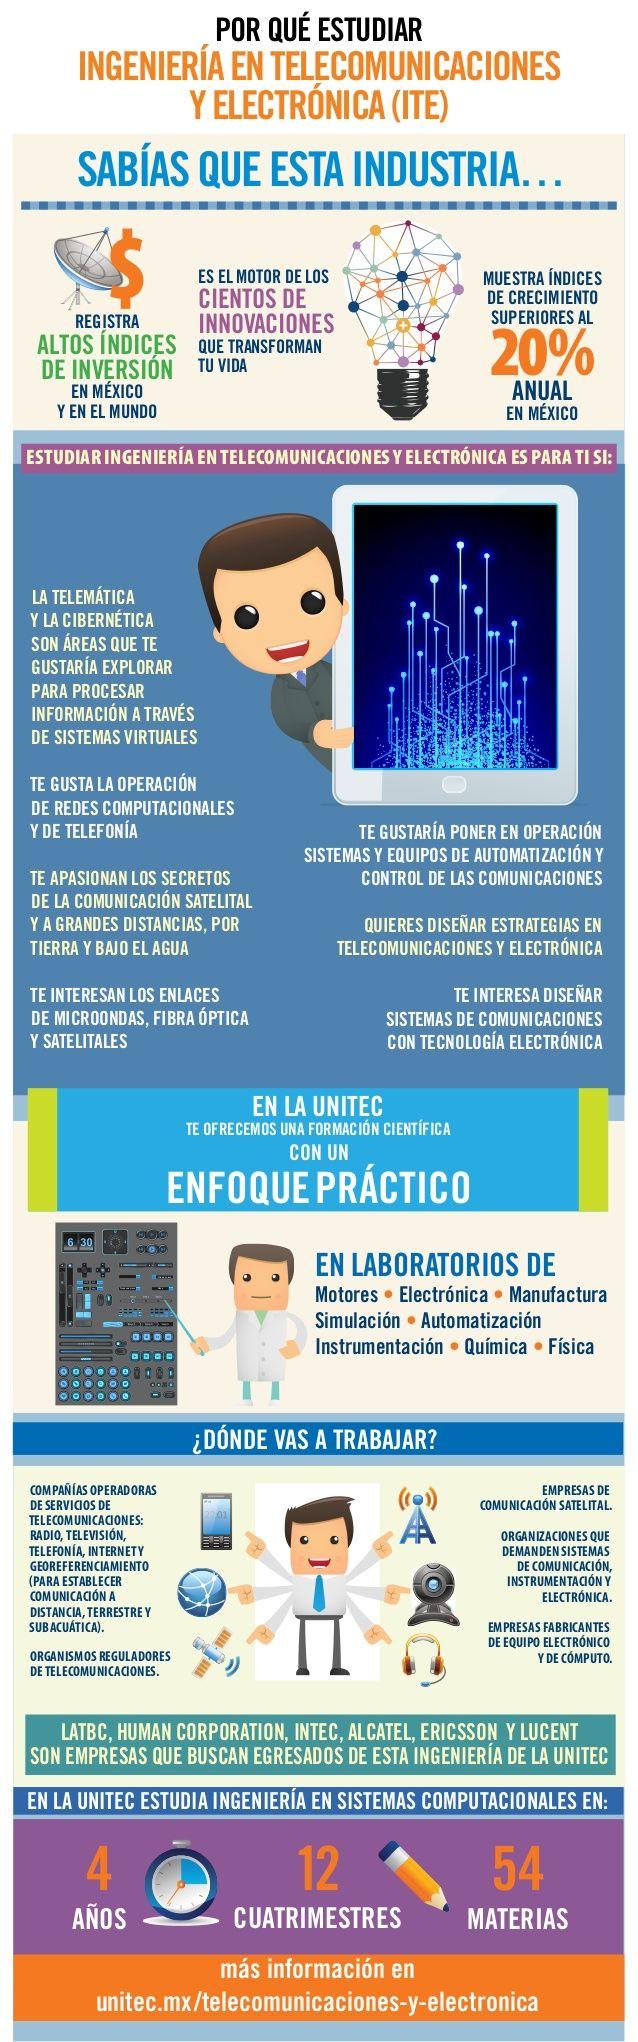 Ingeniería en Telecomunicaciones y Electrónica